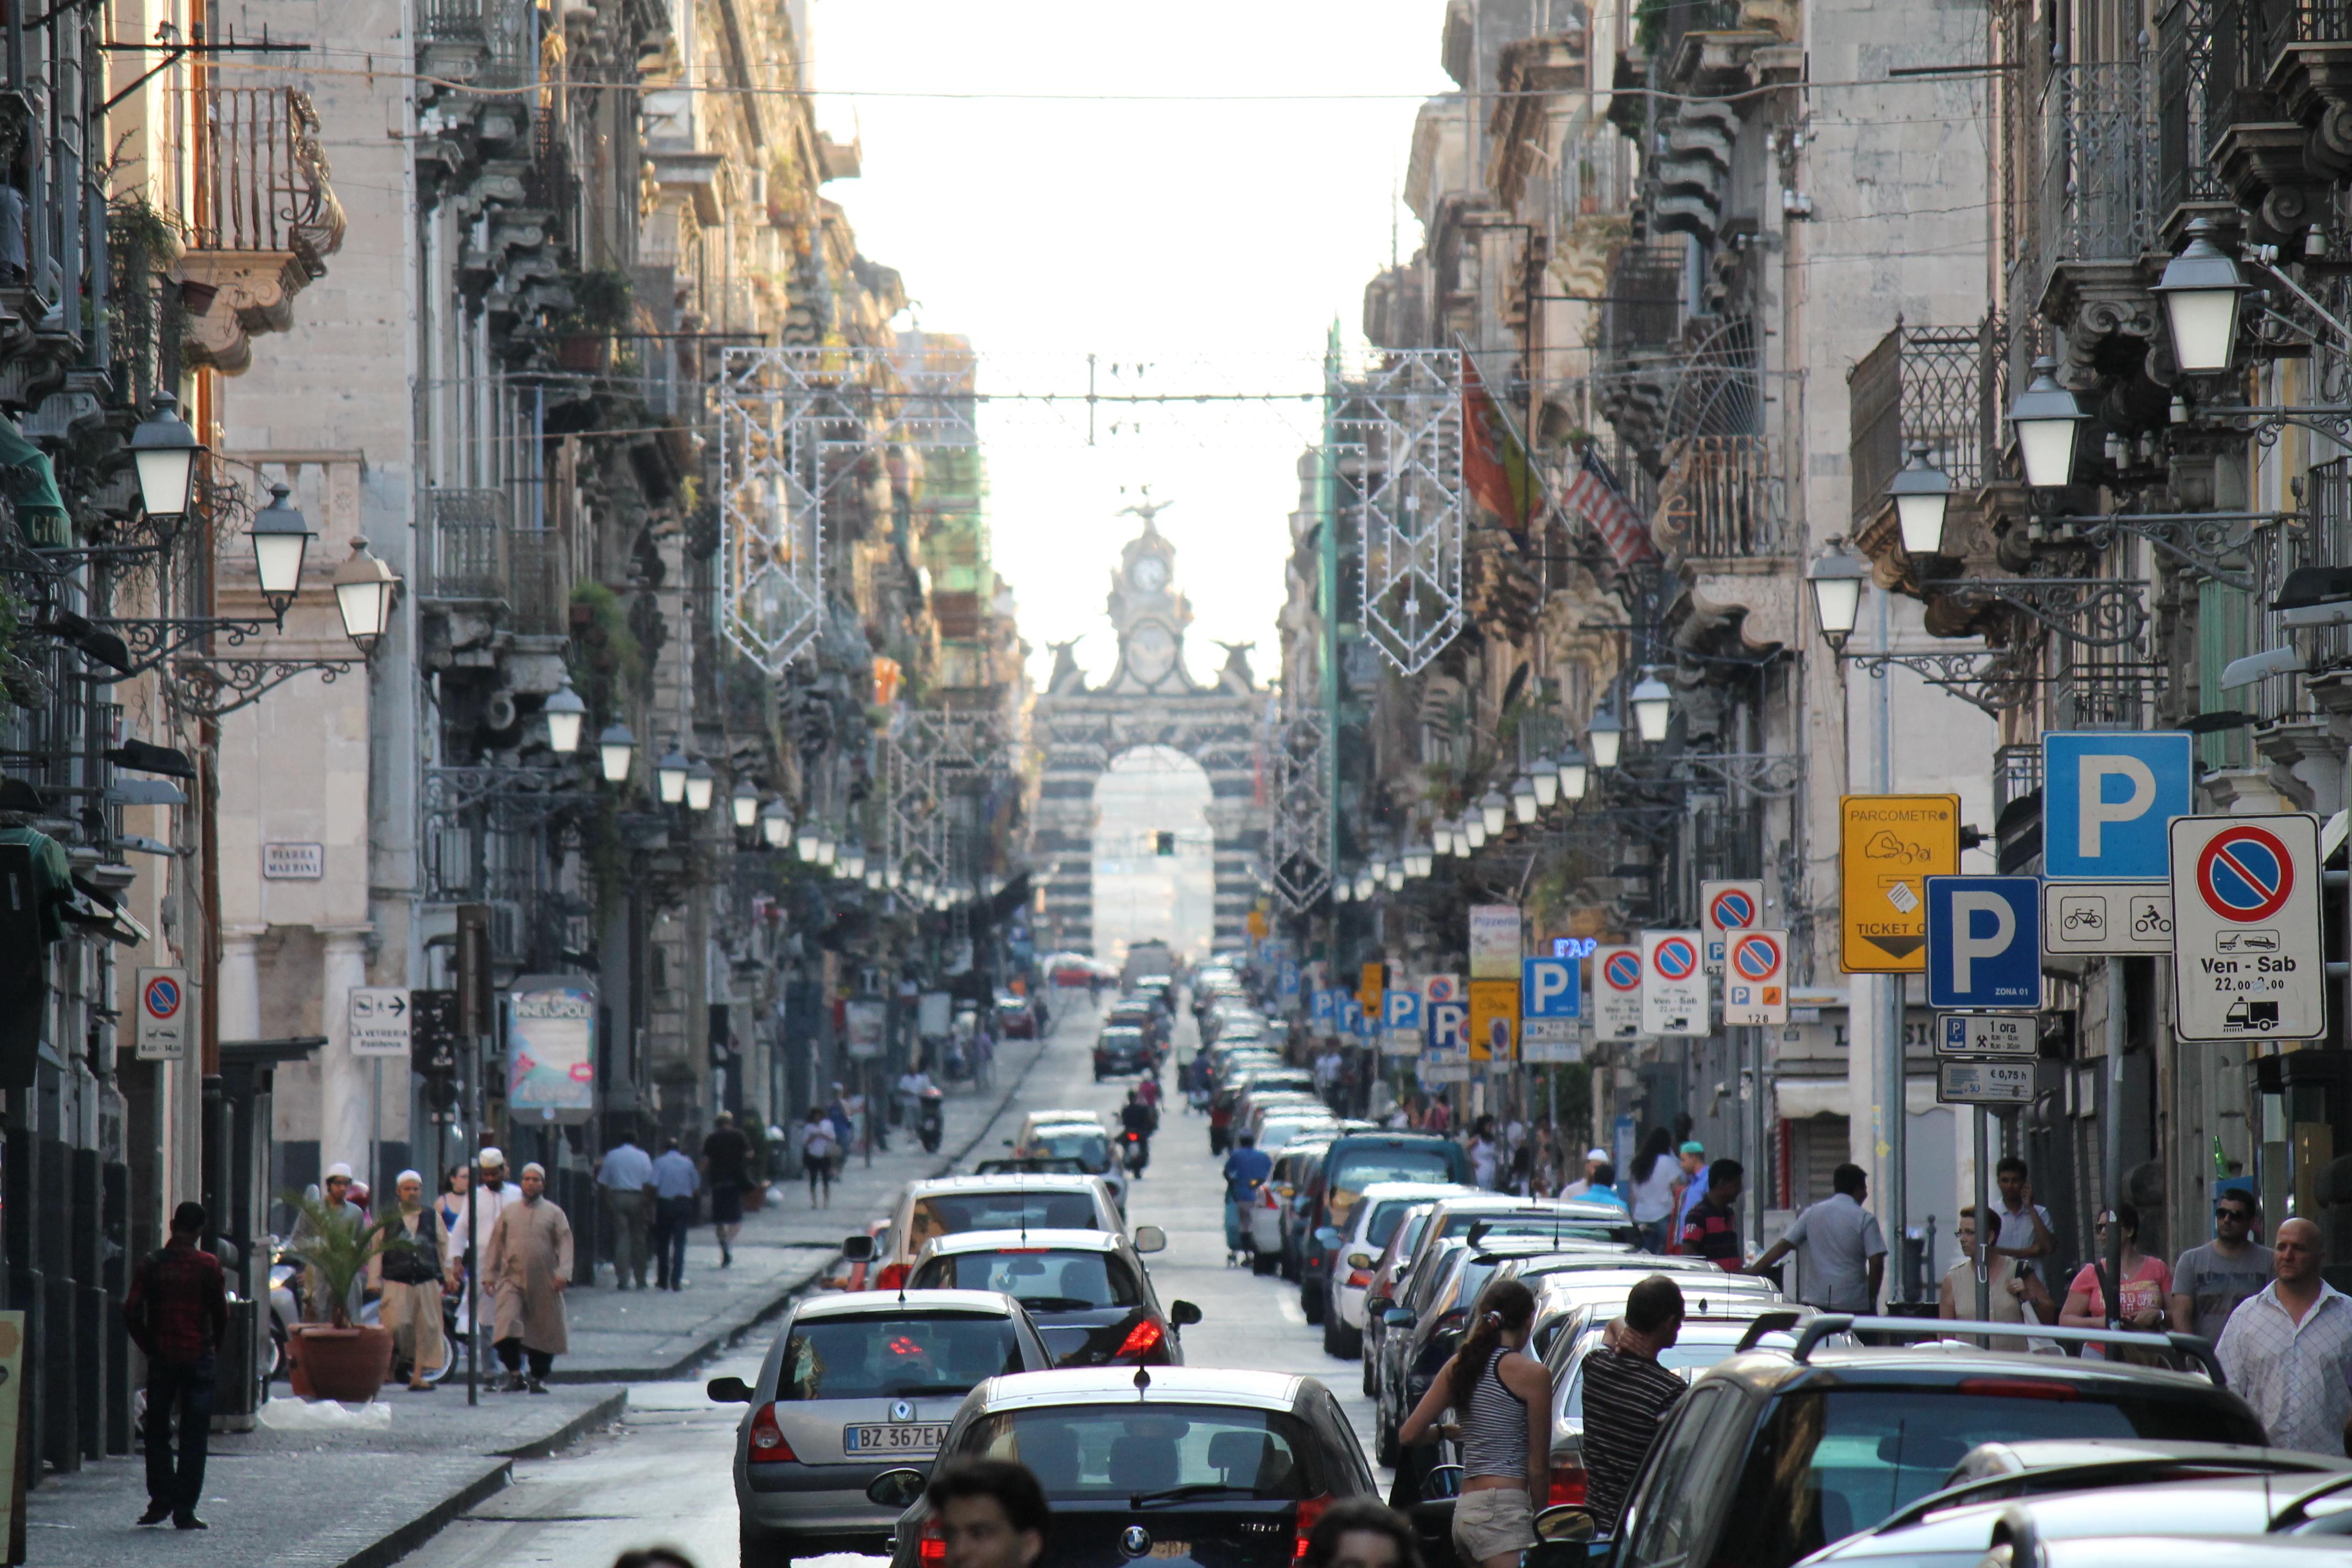 StreetsOfCatania 300dpi